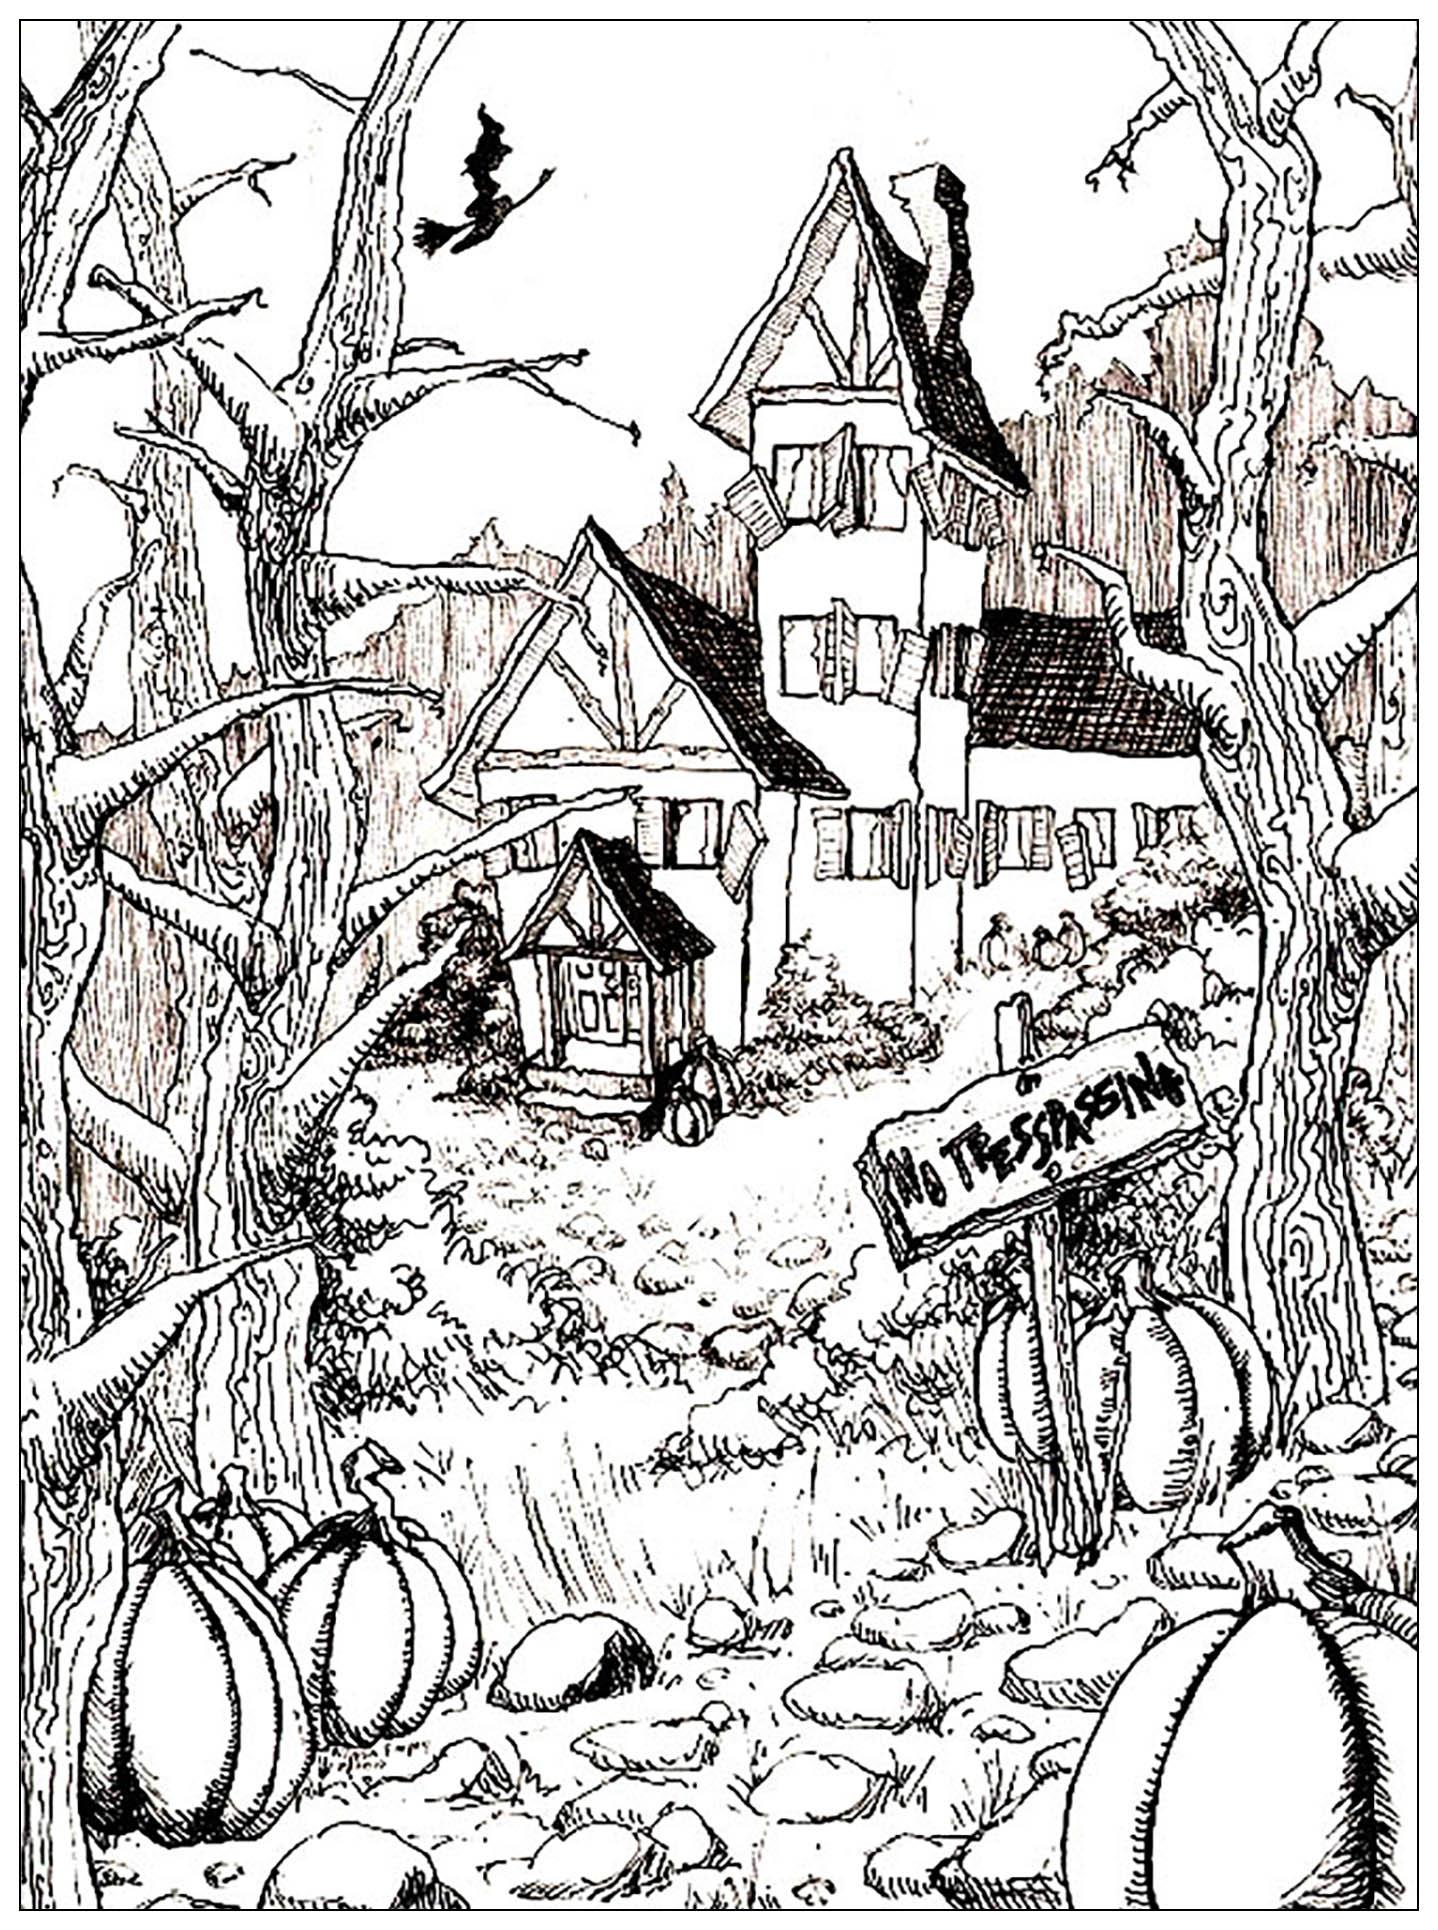 Halloween dessin maison hantee complexe coloriage halloween coloriages pour enfants page 2 - Dessin de maison hantee ...